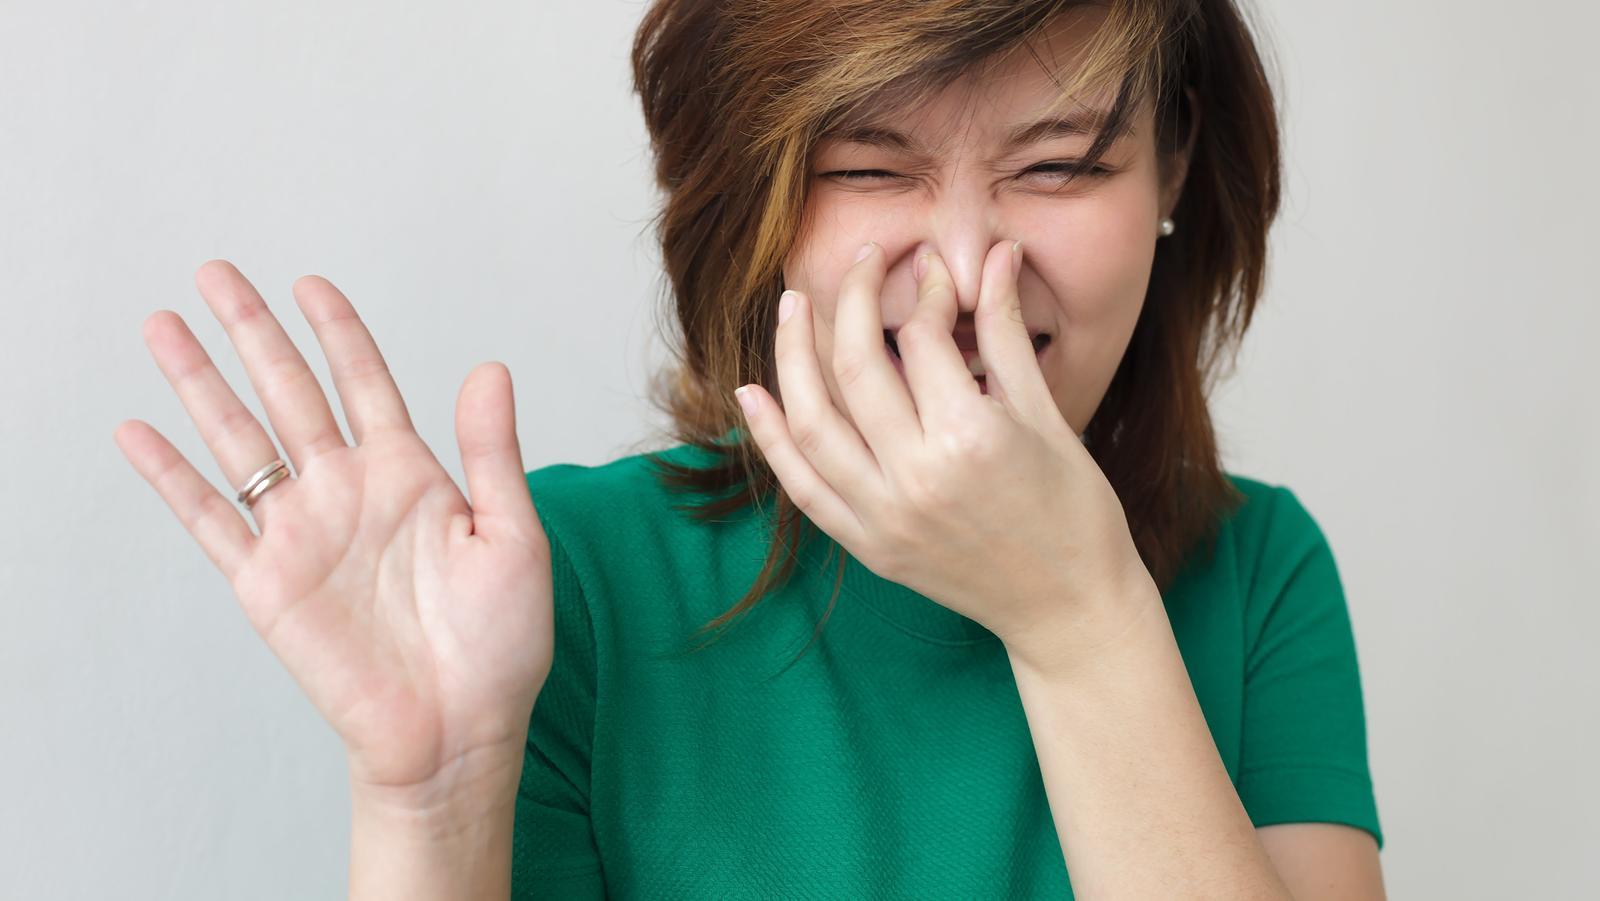 rossz lehelet a gyomorégés miatt